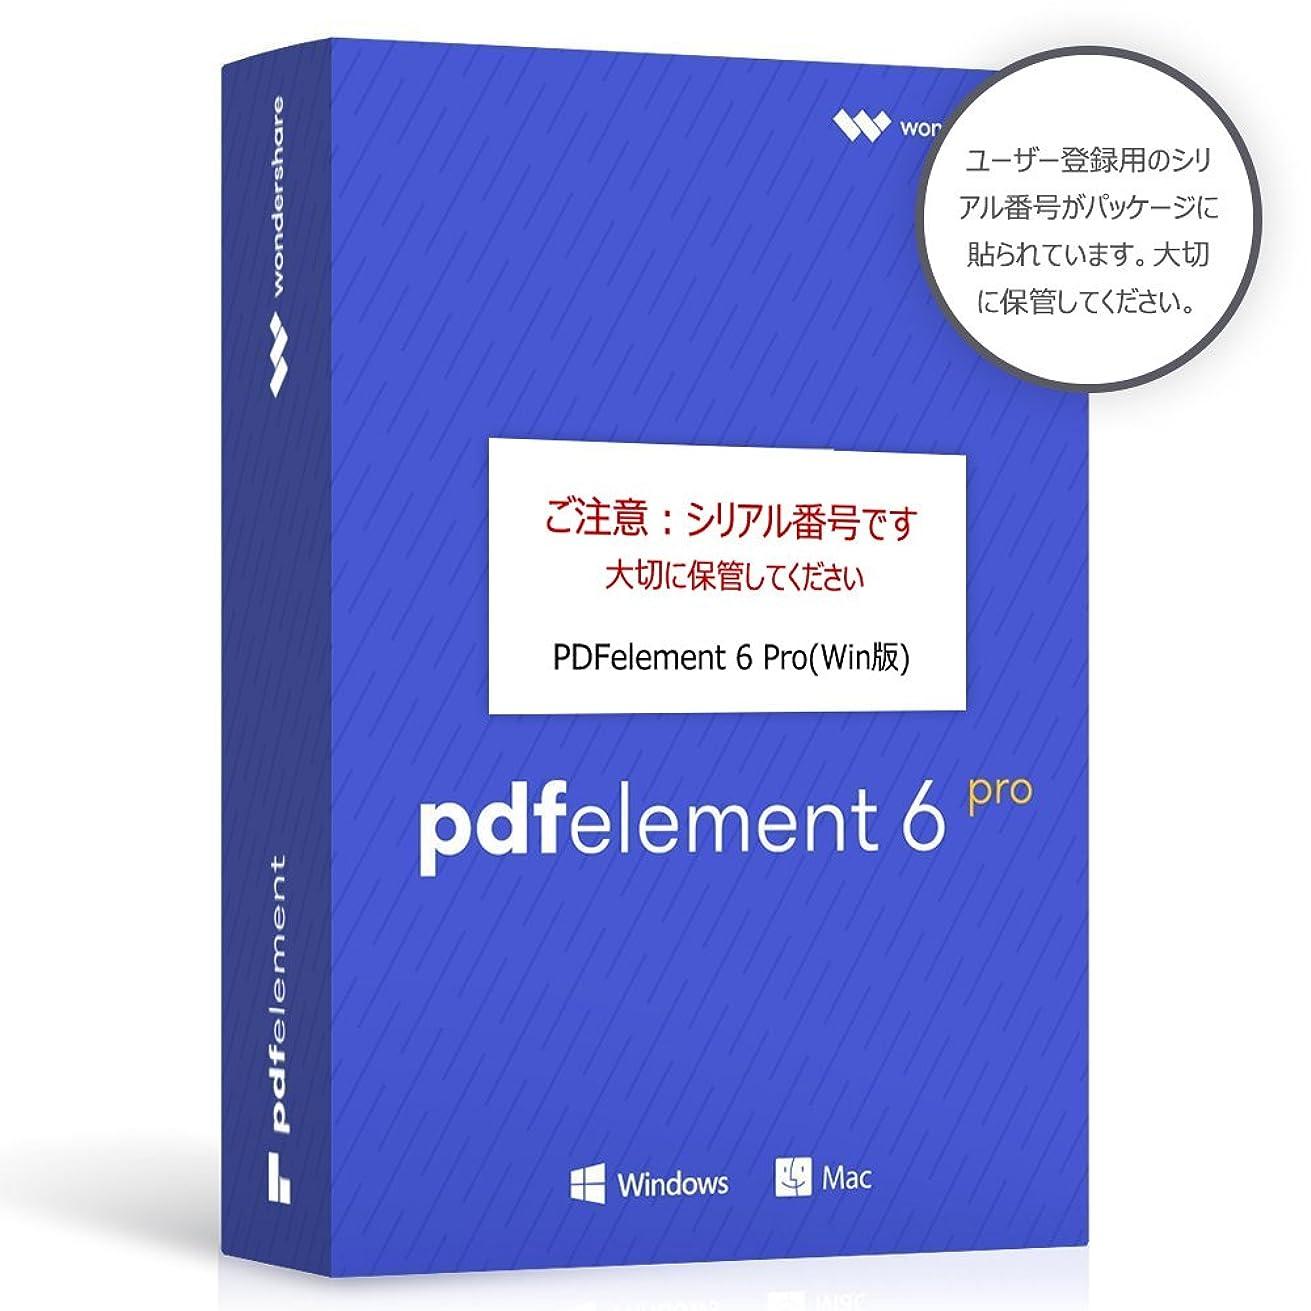 政府微弱面Wondershare PDFelement 6 Pro(Mac版)永久ライセンス PDF編集ソフト OCR PDF変換 PDF作成 All-in-oneのPDF万能ソフト PDFをエクセルに変換 pdf word 変換 pdf excel 変換 PDFをワードに変換 MAC 10.13対応|ワンダーシェアー